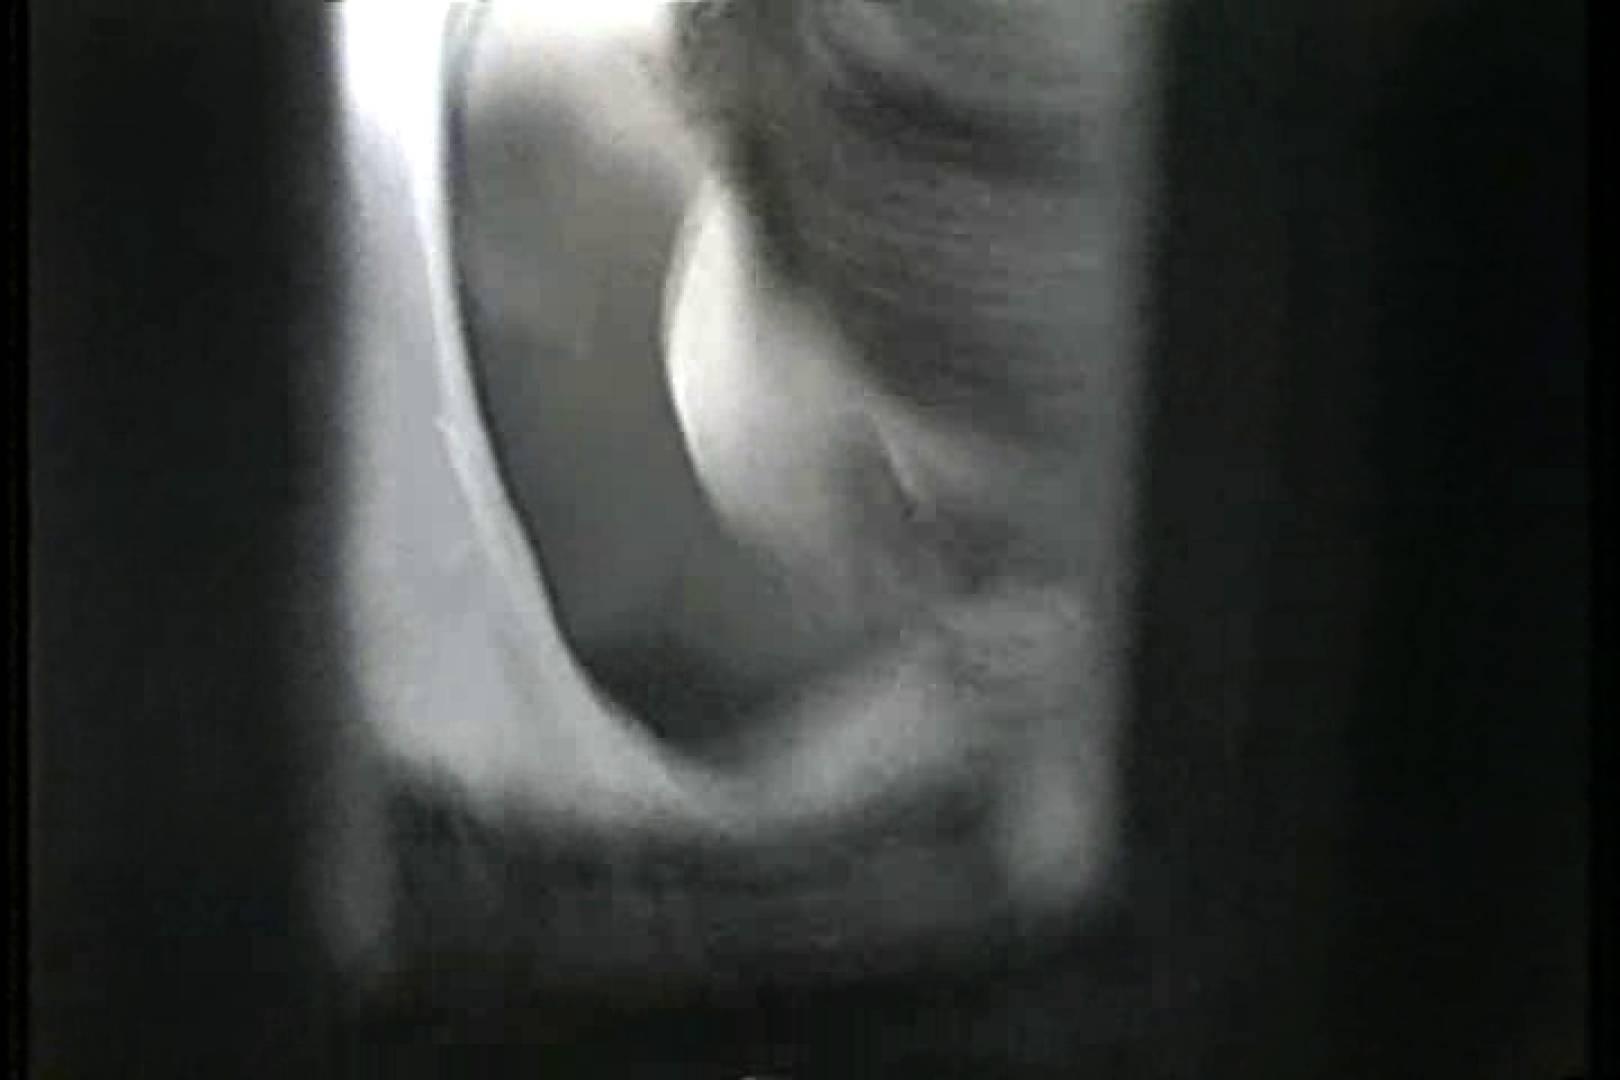 深夜の撮影会Vol.7 OLセックス  50画像 40